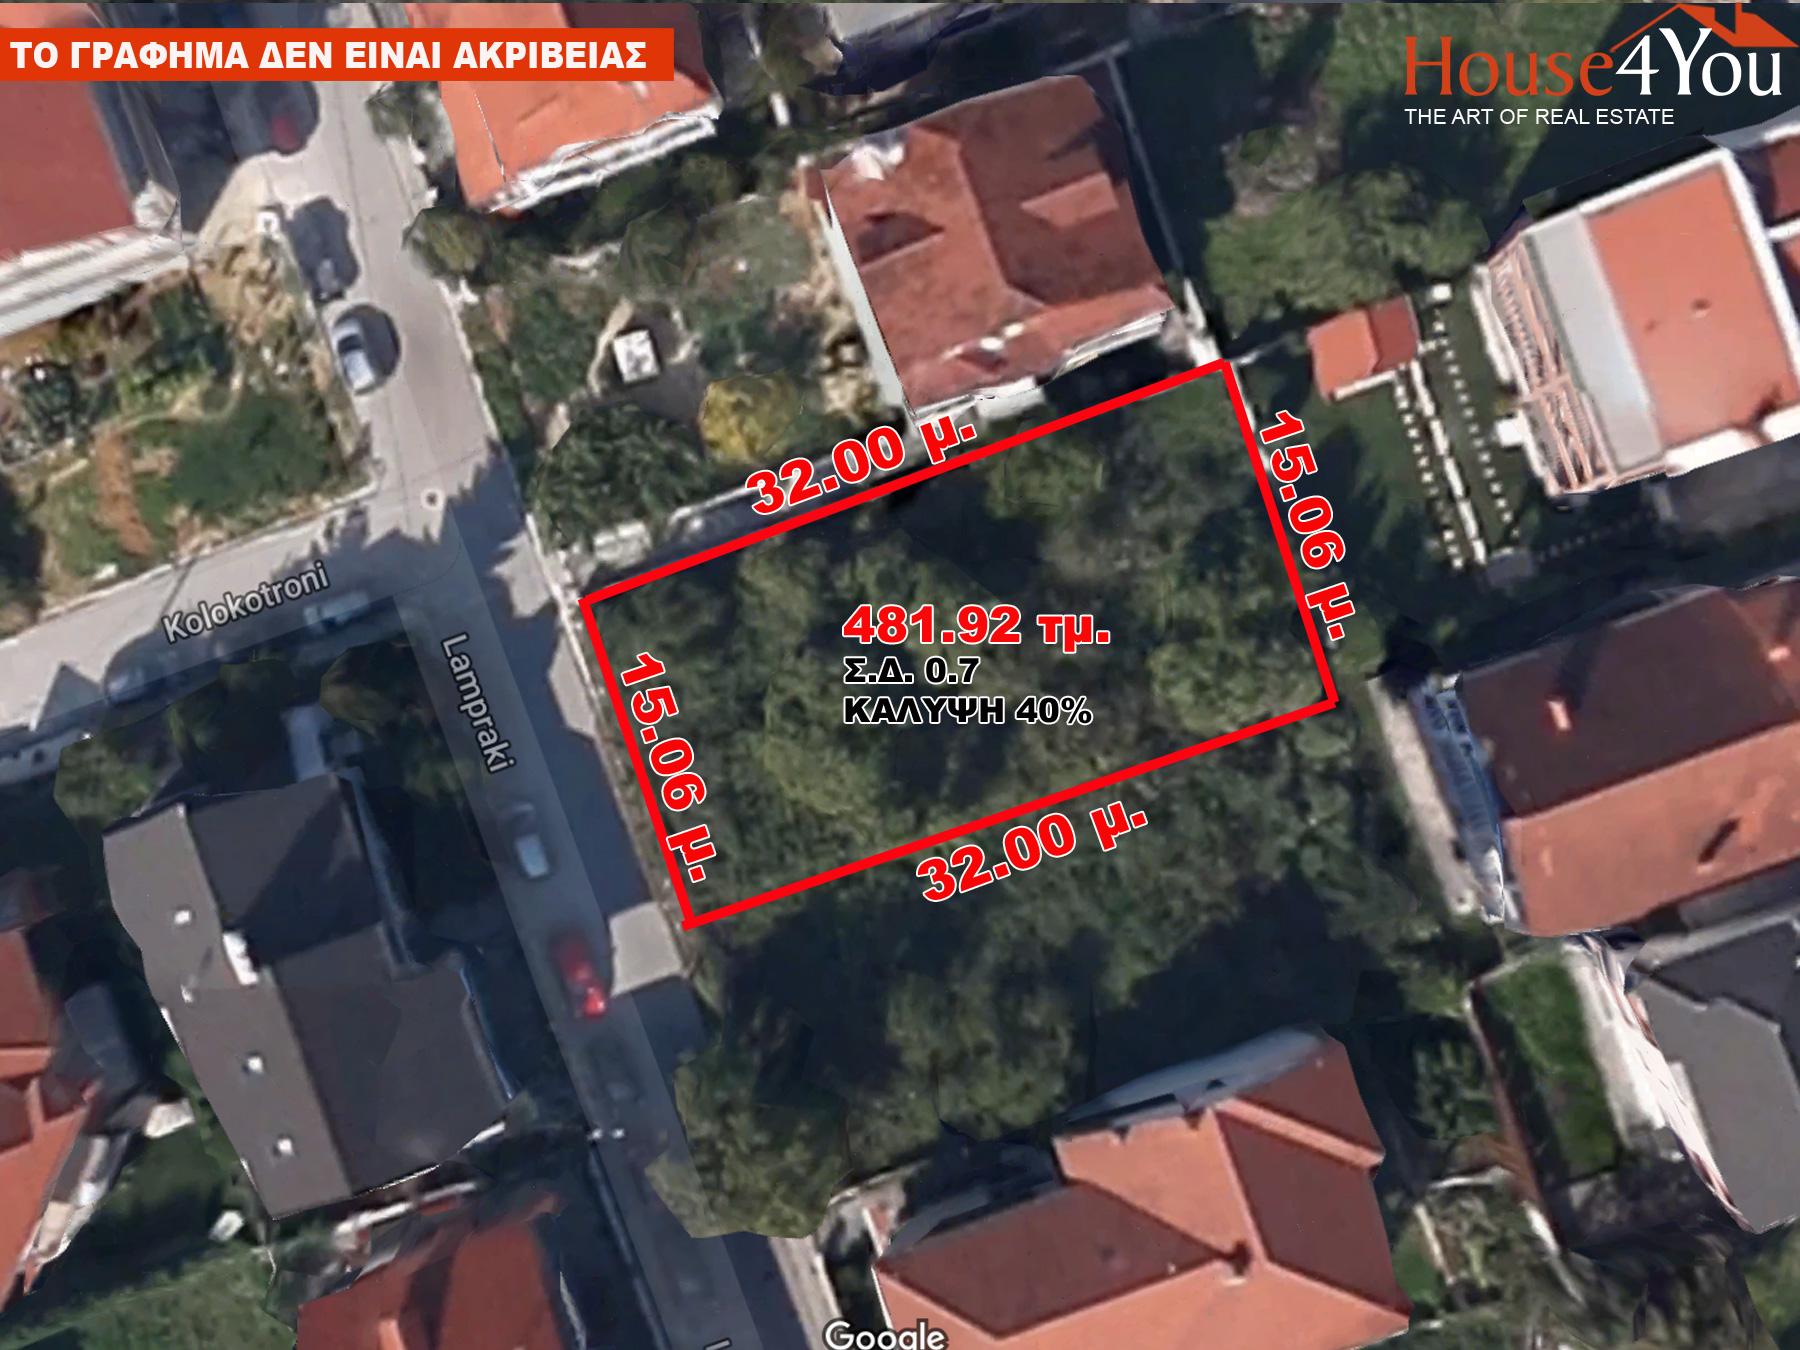 For sale a plot of 481 sq.m. with SD. 0.7 in the area of Rachi Sami in Ioannina